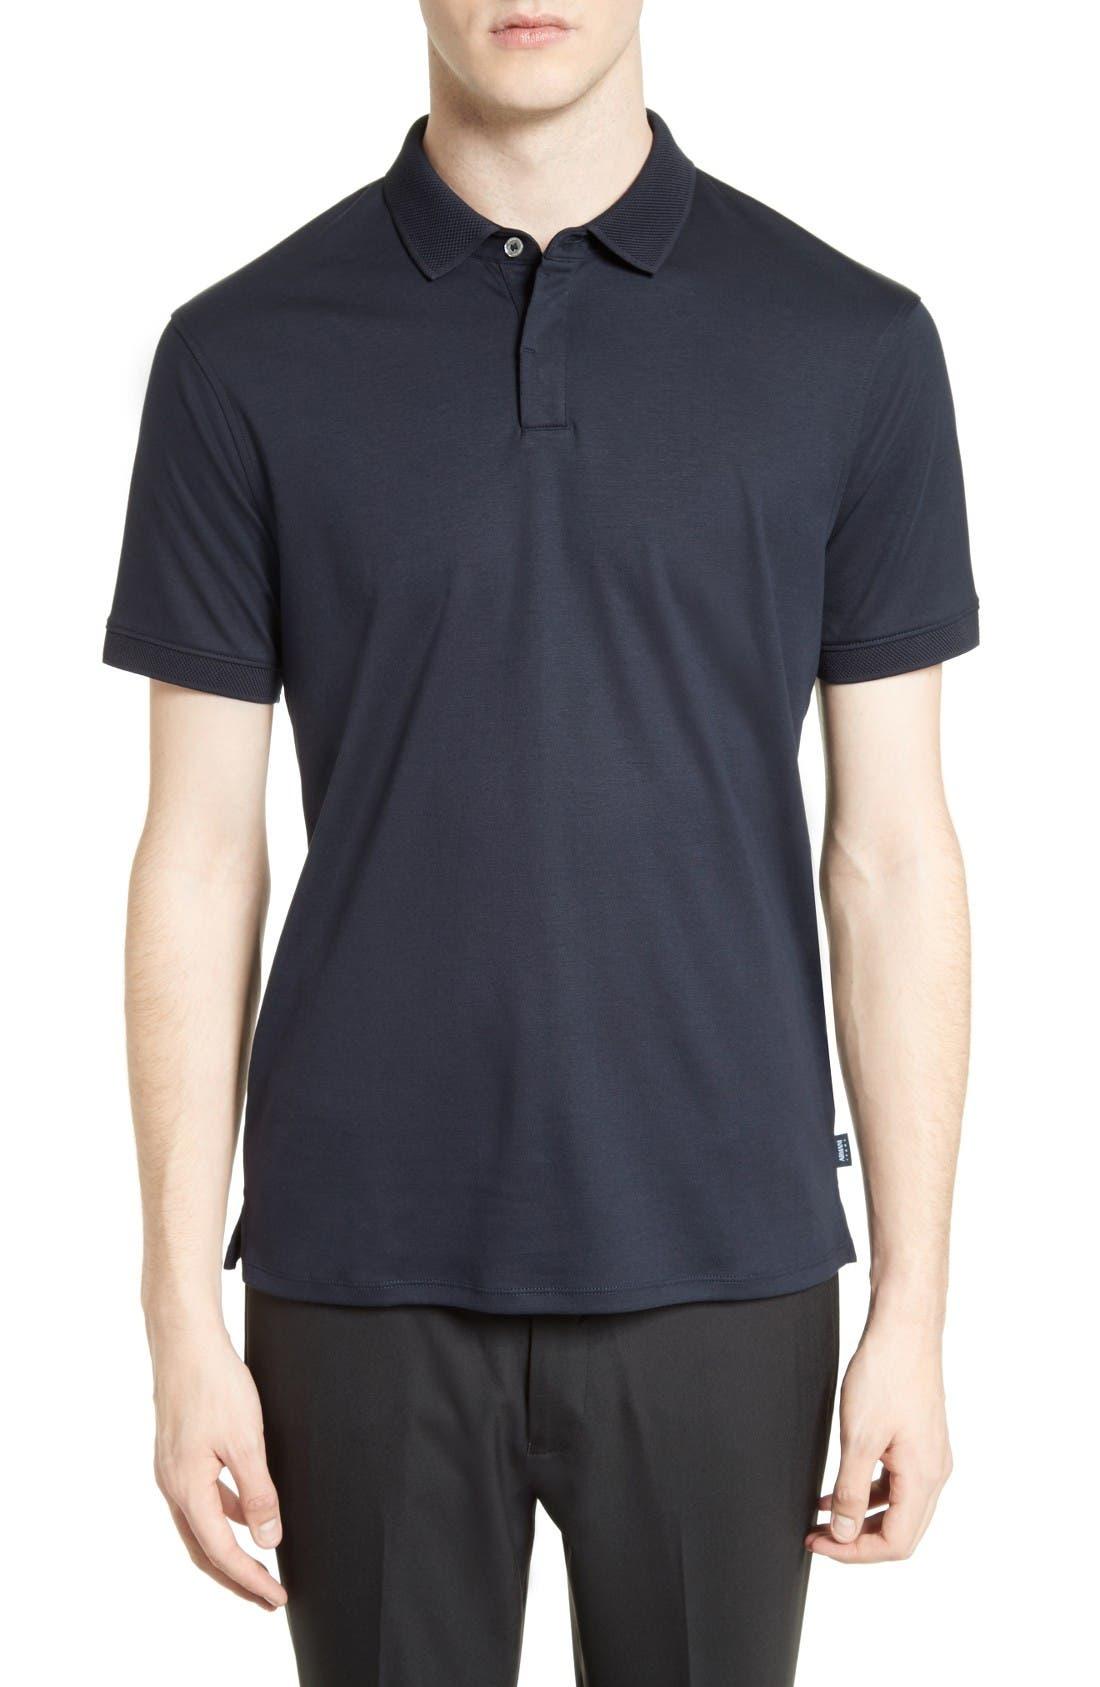 Alternate Image 1 Selected - Armani Collezioni Cotton Interlock Polo